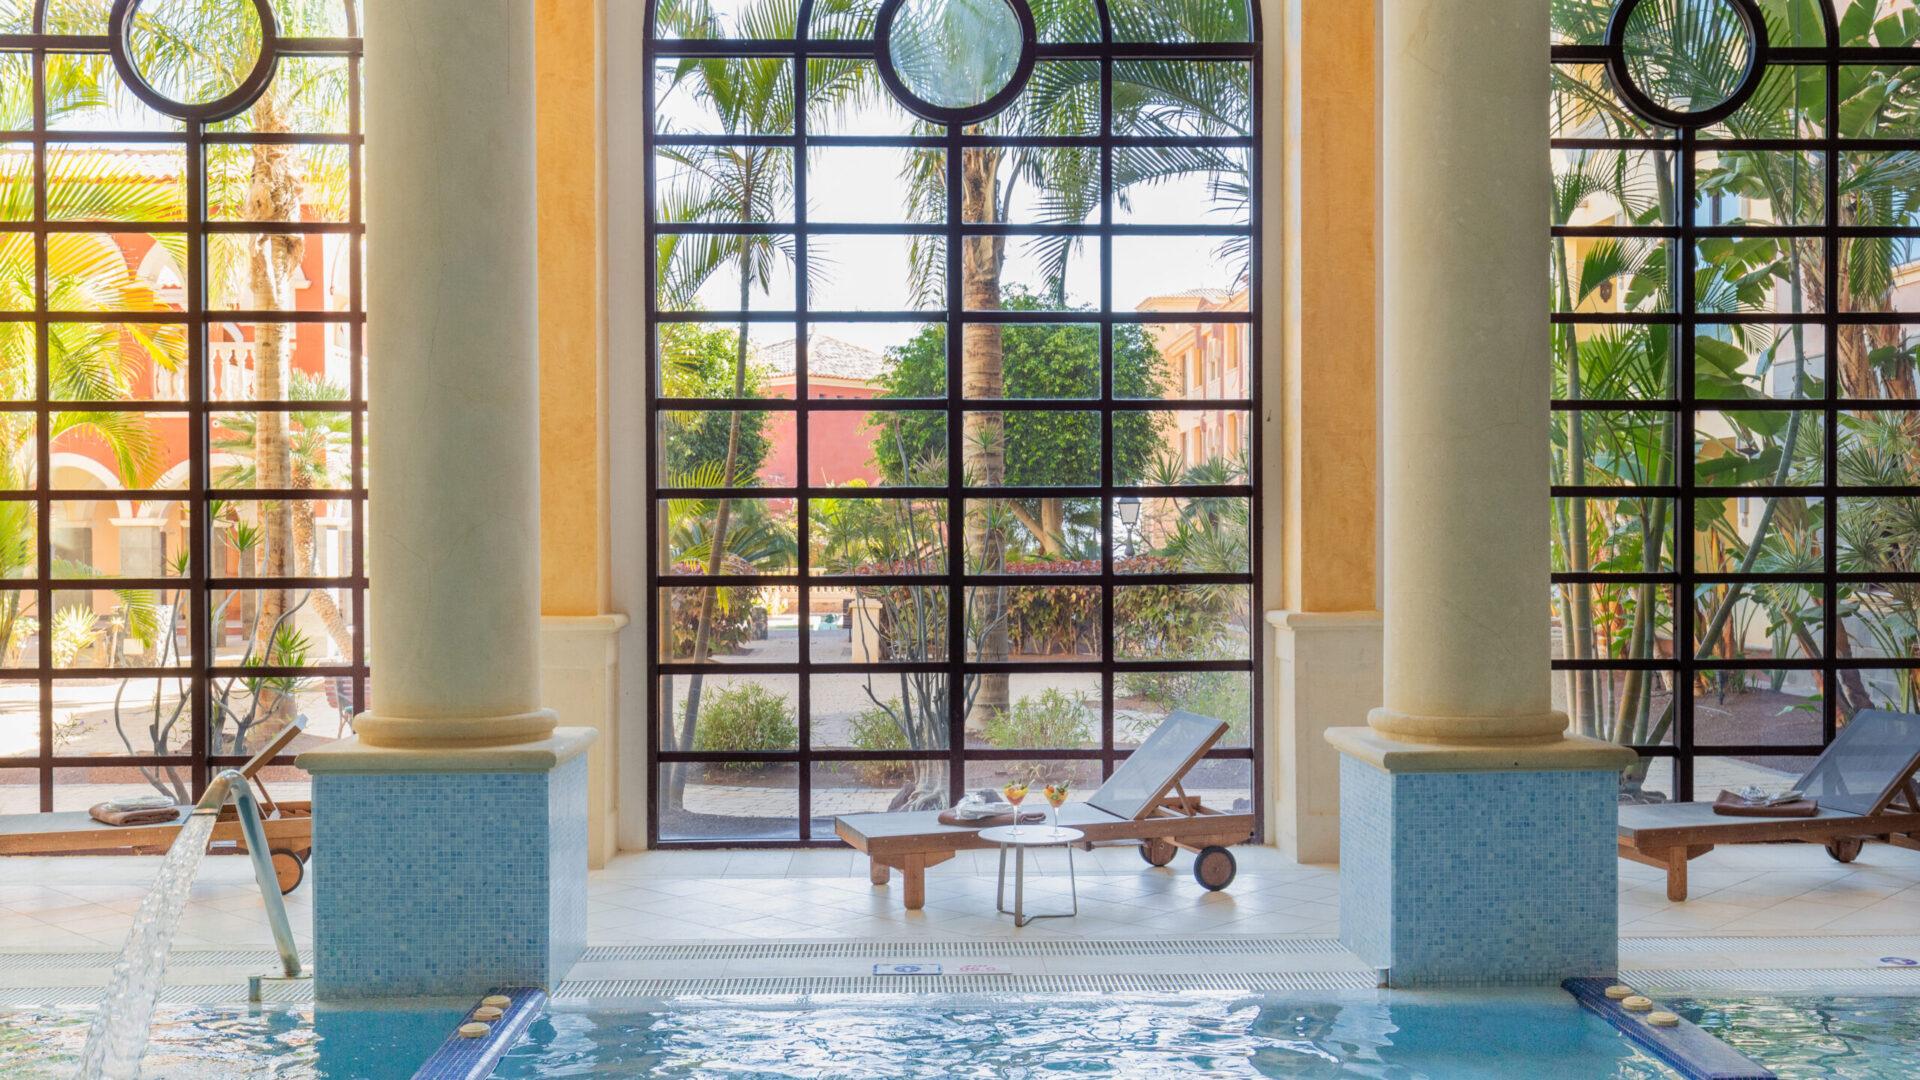 R2 RIO CALMA HOTEL COSTA CALMA FUERTEVENTURA spa